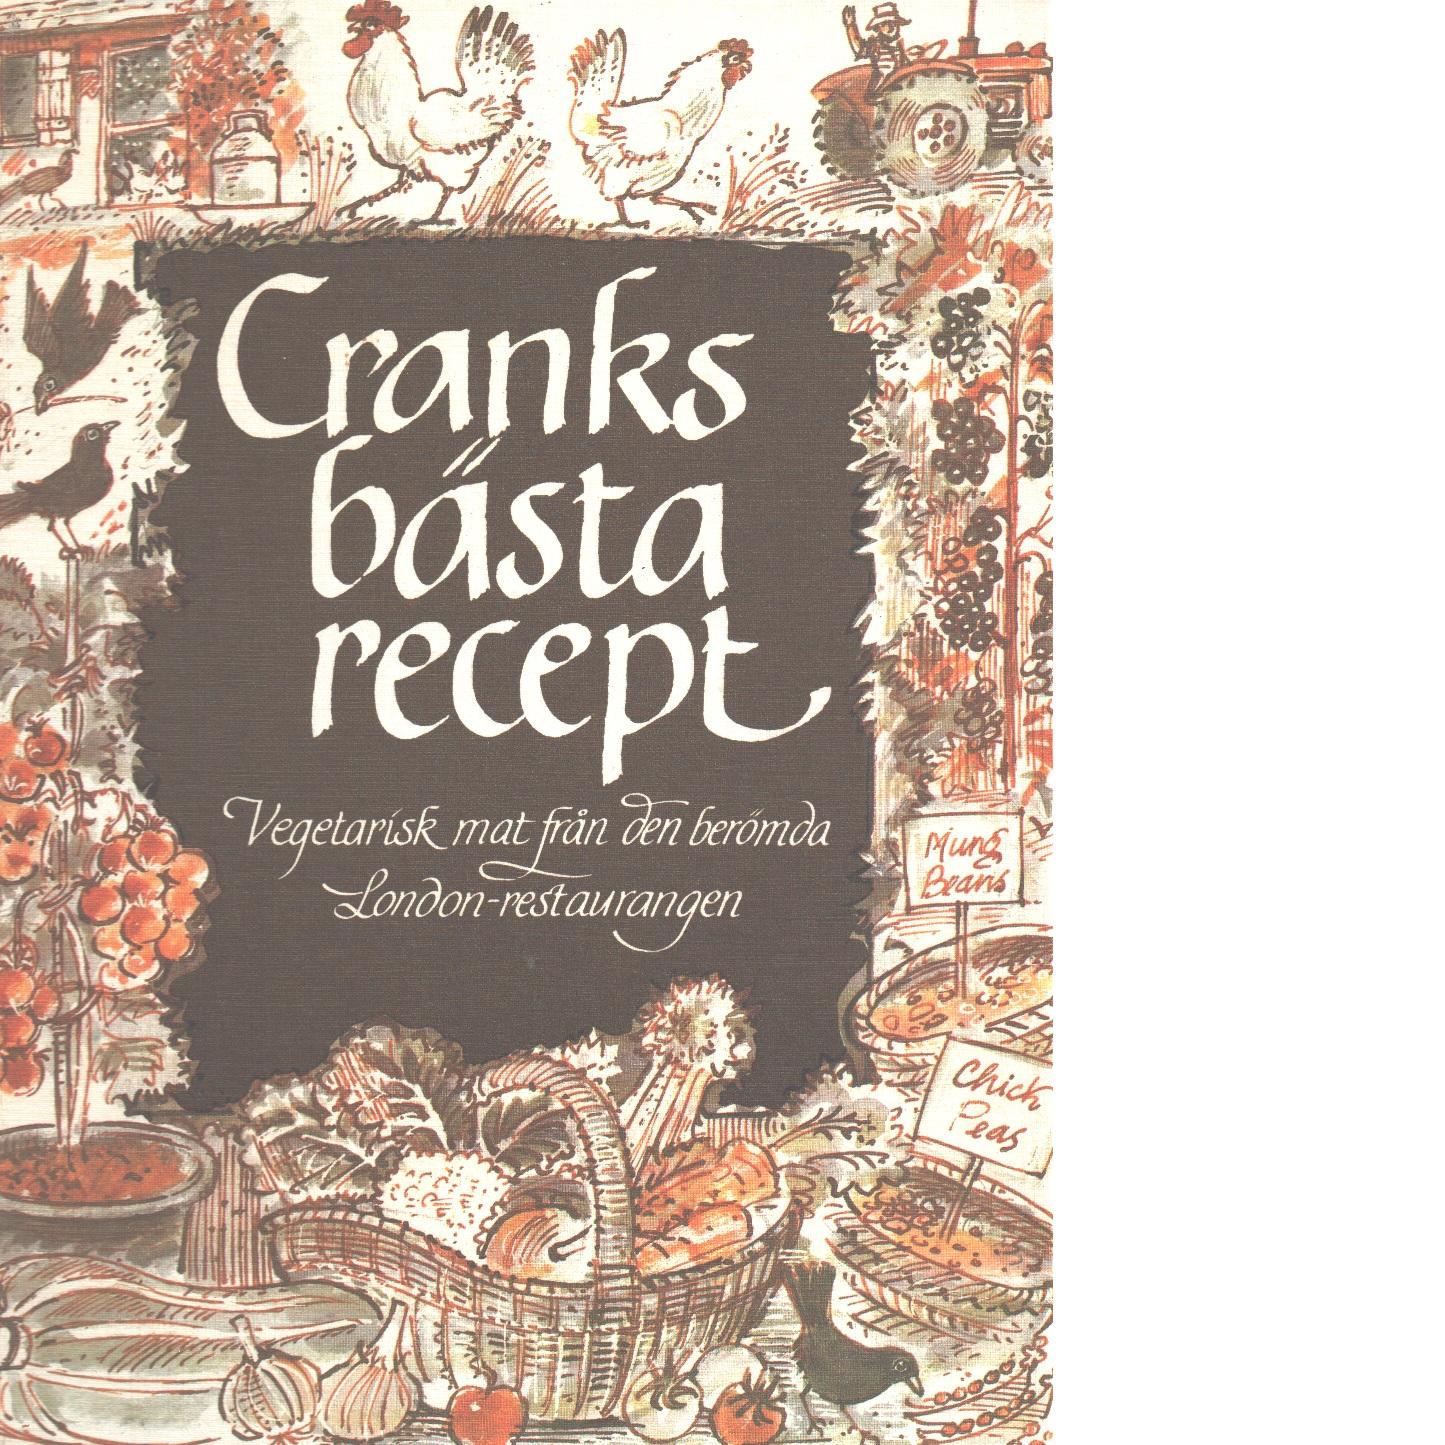 Cranks bästa recept : vegetarisk mat från den berömda London-restaurangen - Canter, David  och Canter, Kay  samt Swann, Daphne